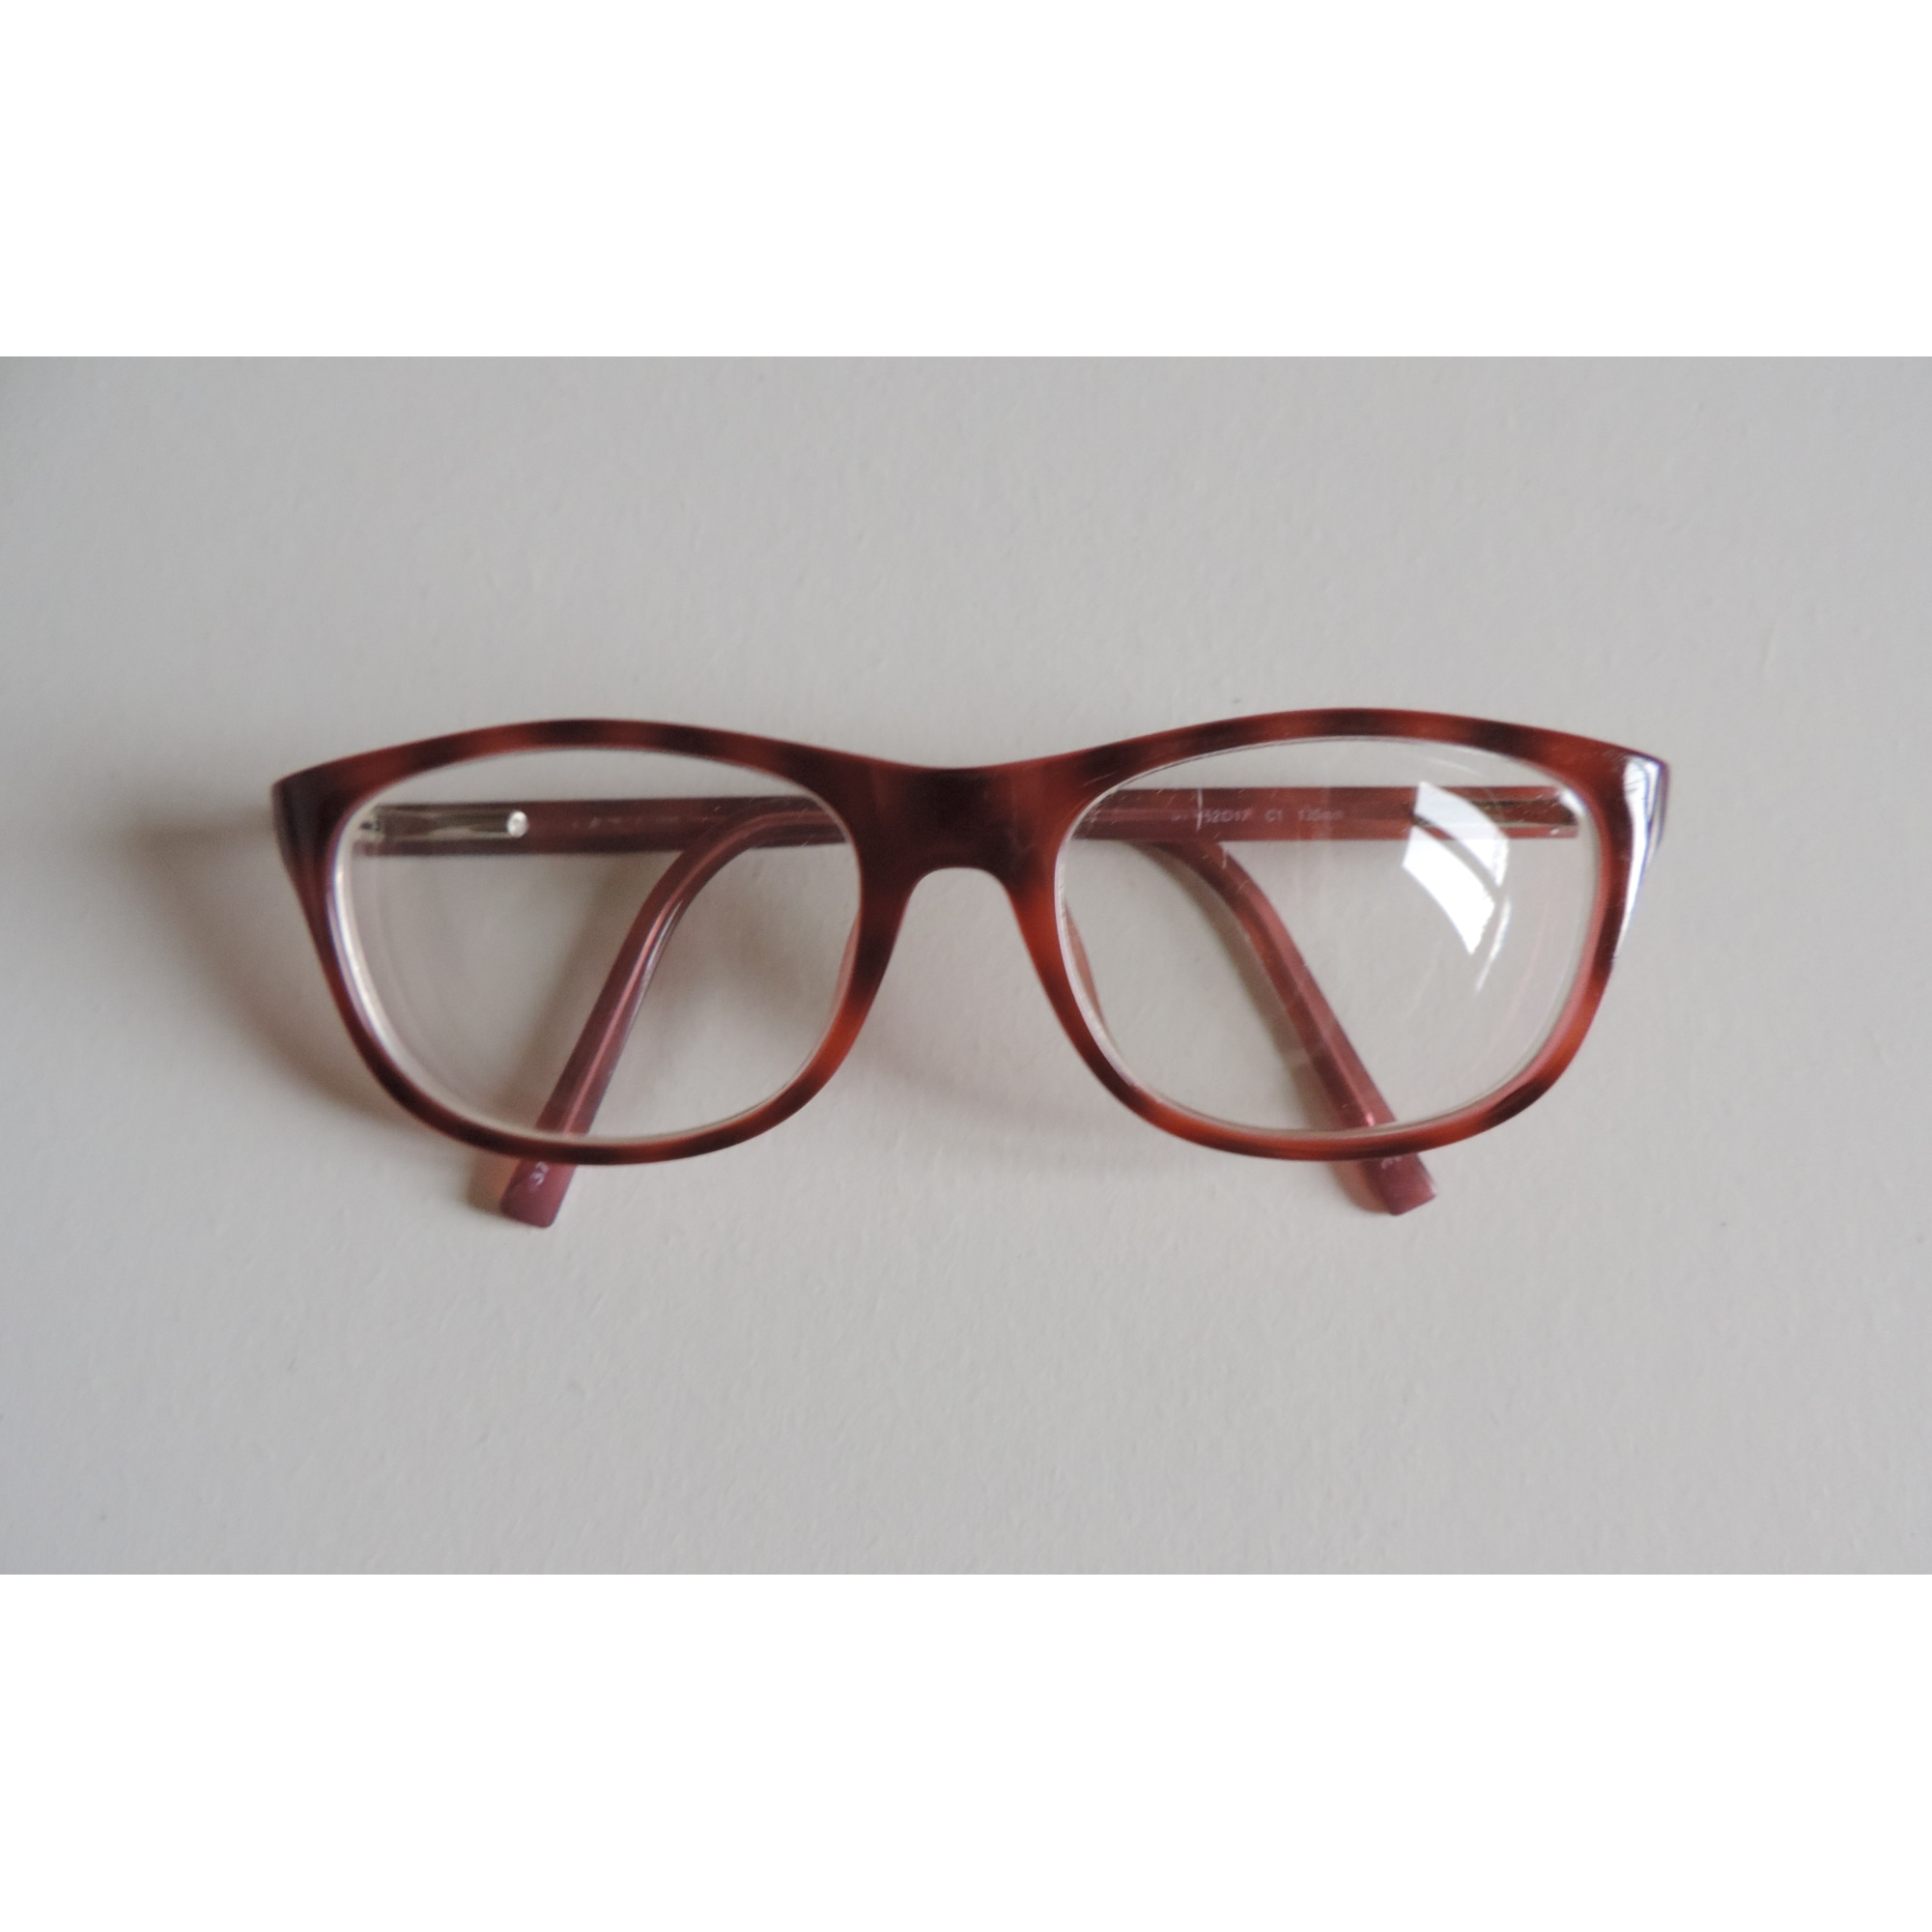 Monture de lunettes ALAIN AFFLELOU rouge - 5049768 e43c8328c3e4